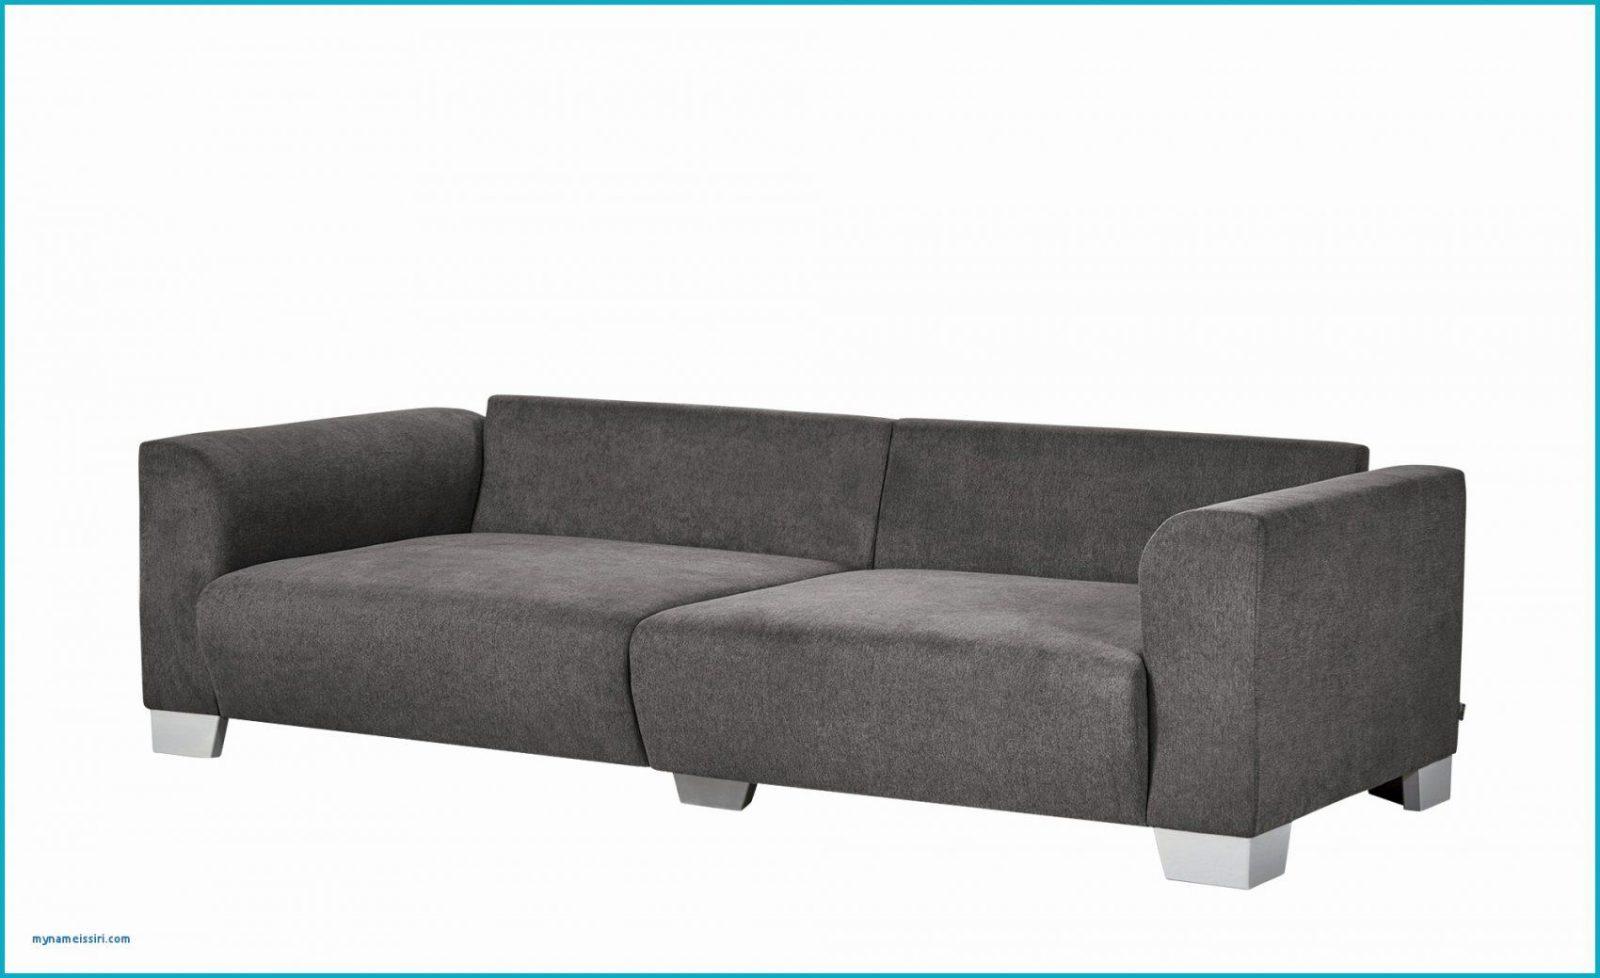 Couch Auf Raten Trotz Schufa Frisch Sofa Auf Raten Bc8 Von Design von Sofa Auf Raten Trotz Schufa Bild